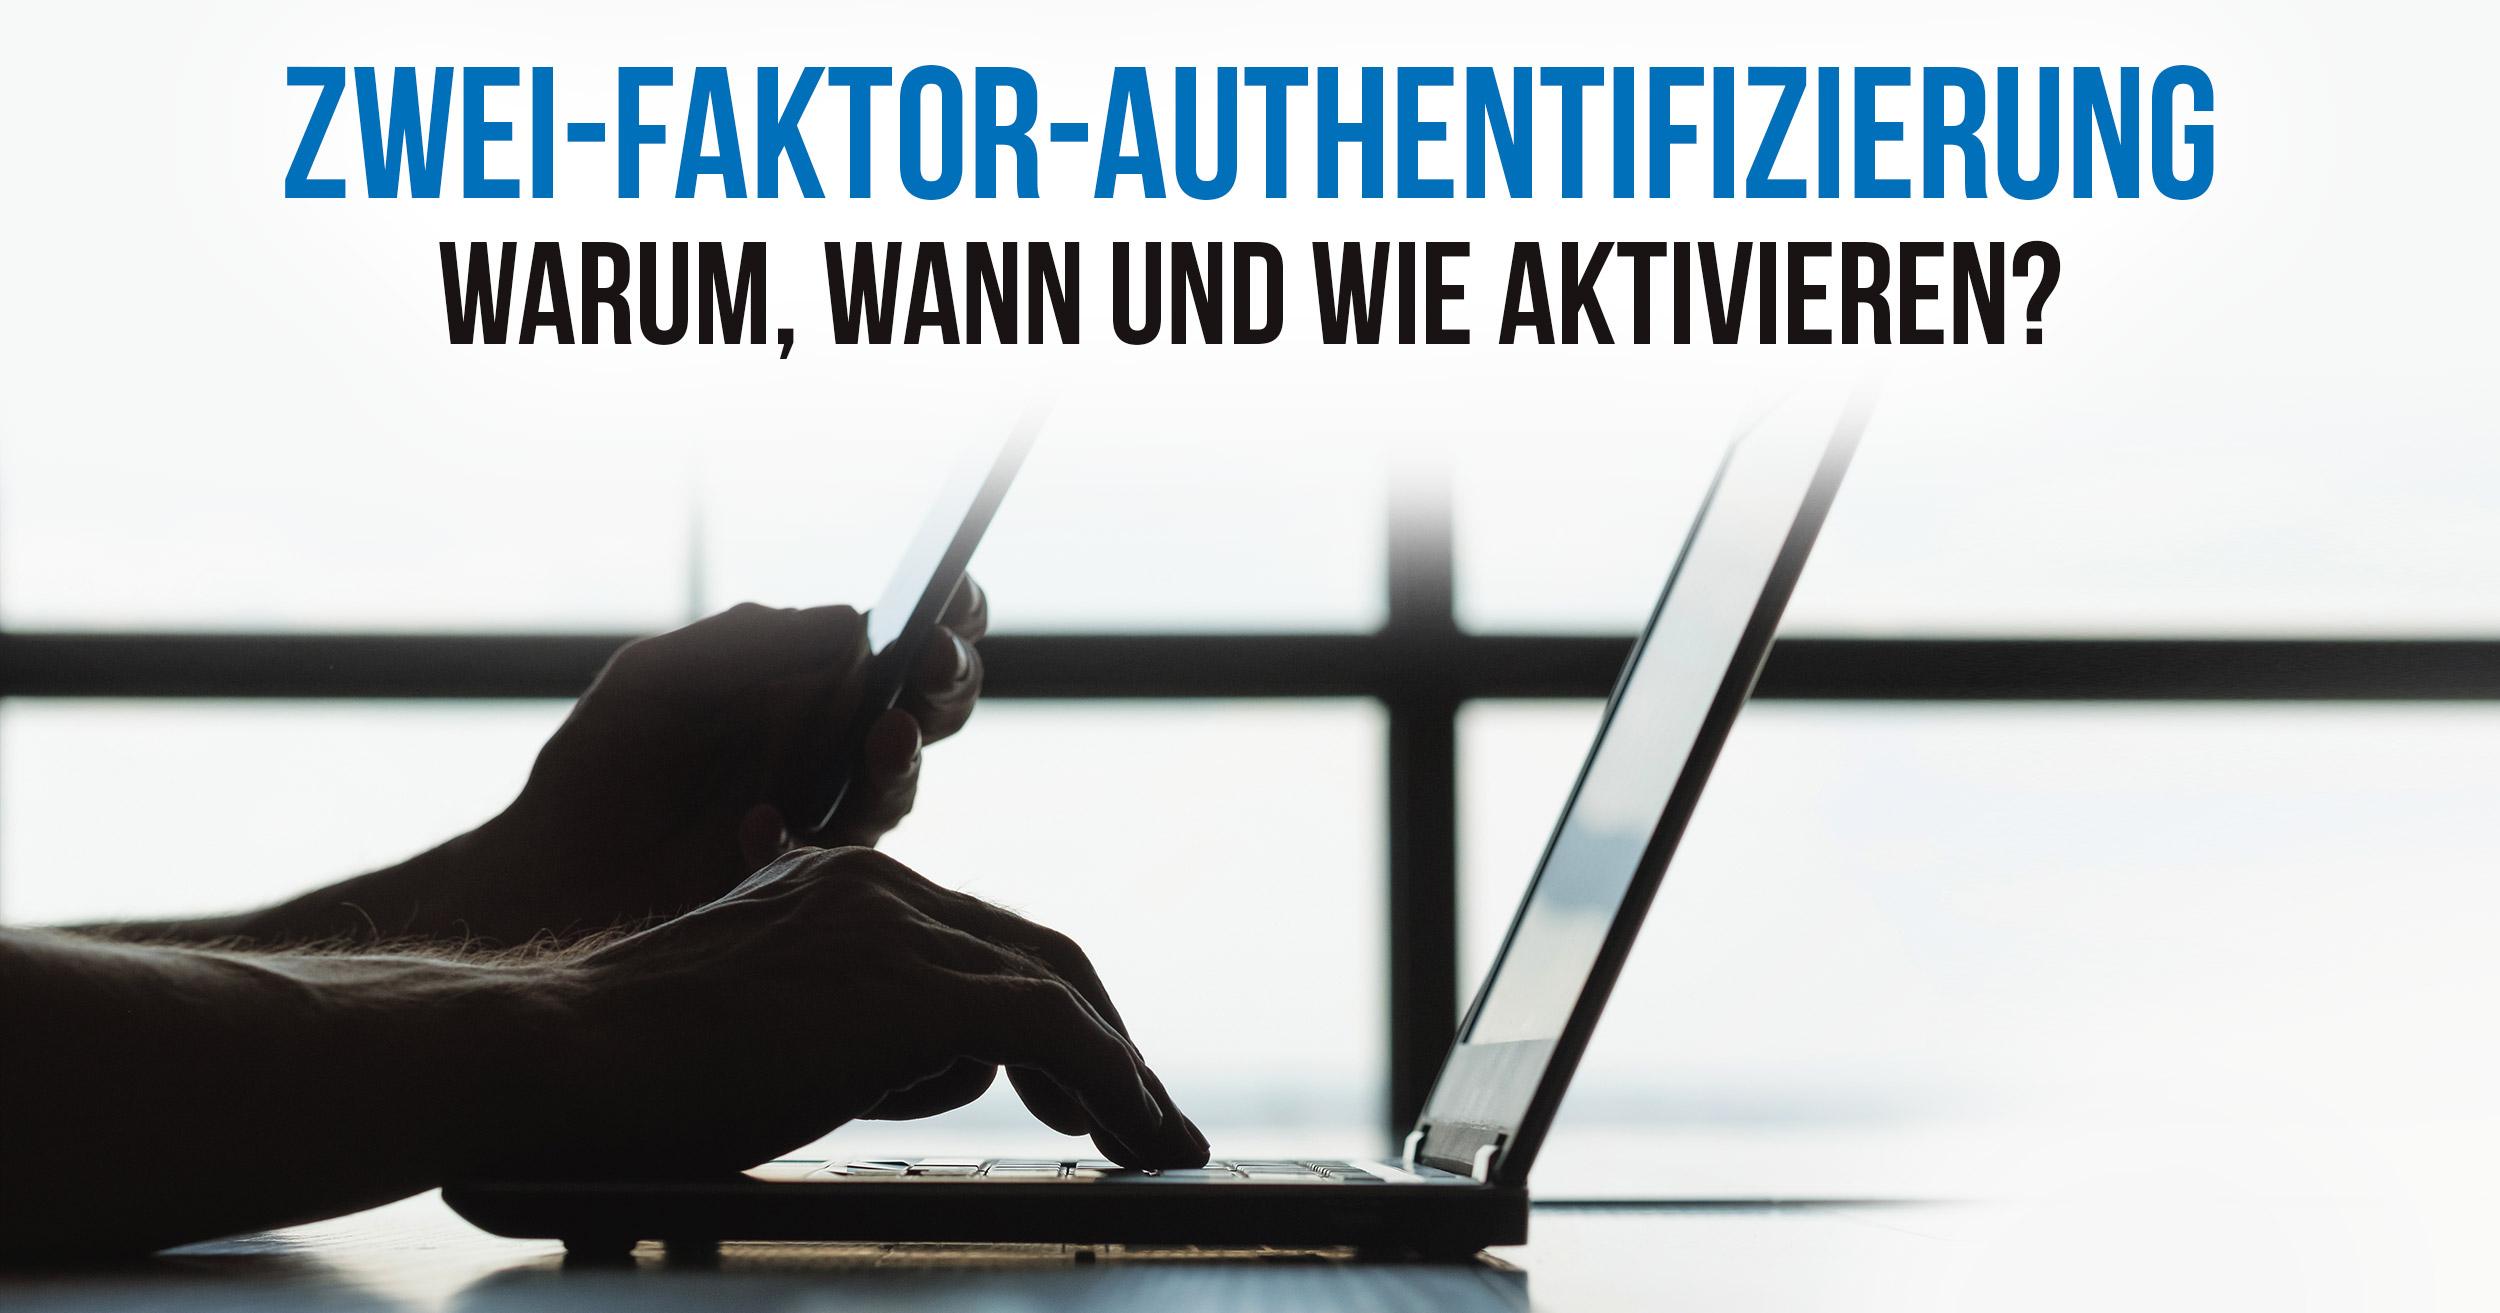 Zwei-Faktor-Authentifizierung (2FA) – warum, wann und wie aktivieren?